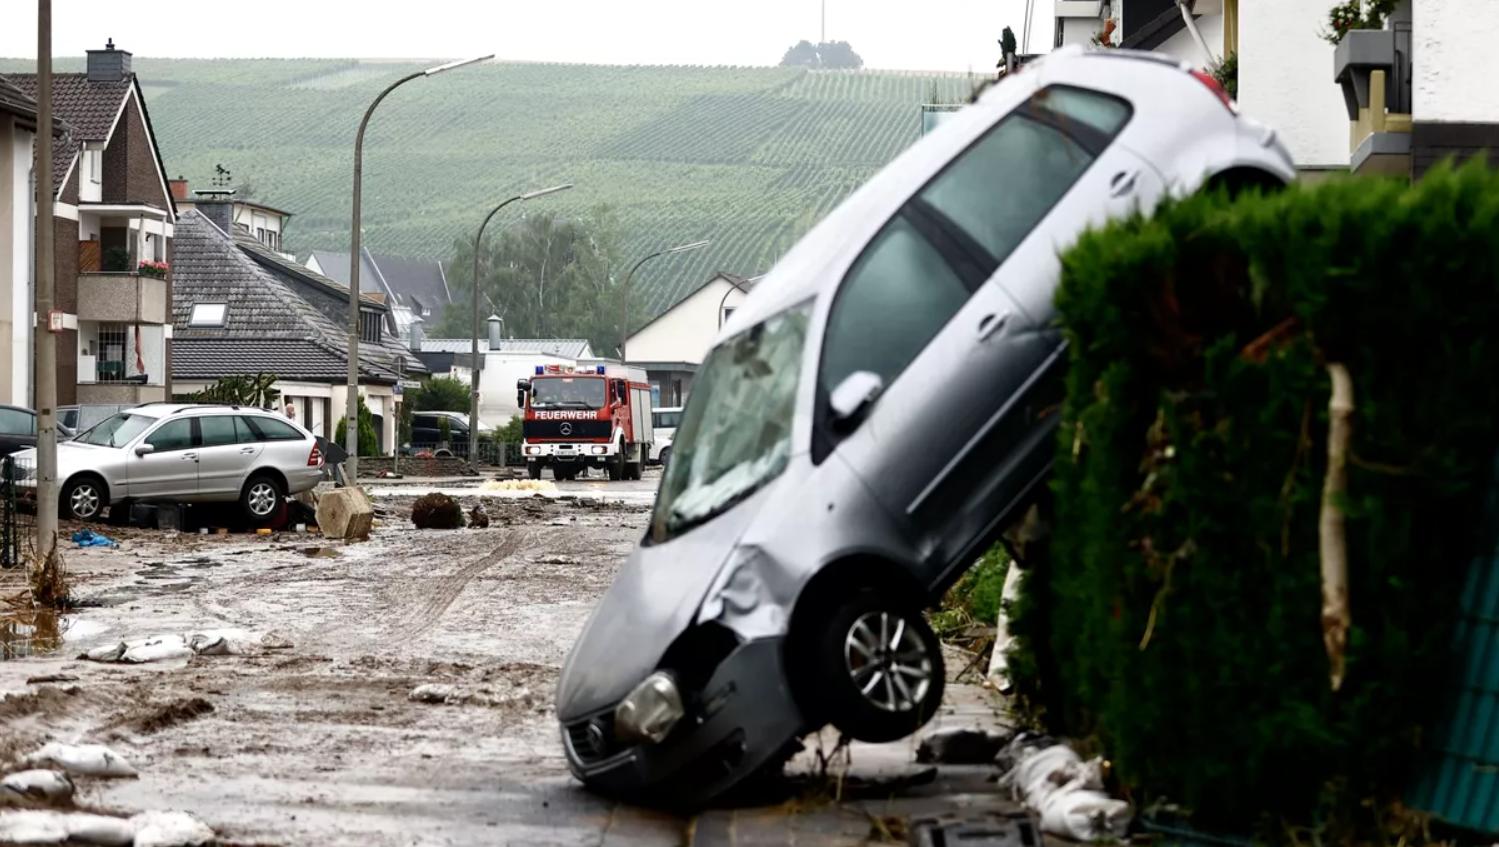 Германия: служение людям в затопленном городе. Рассказ священника